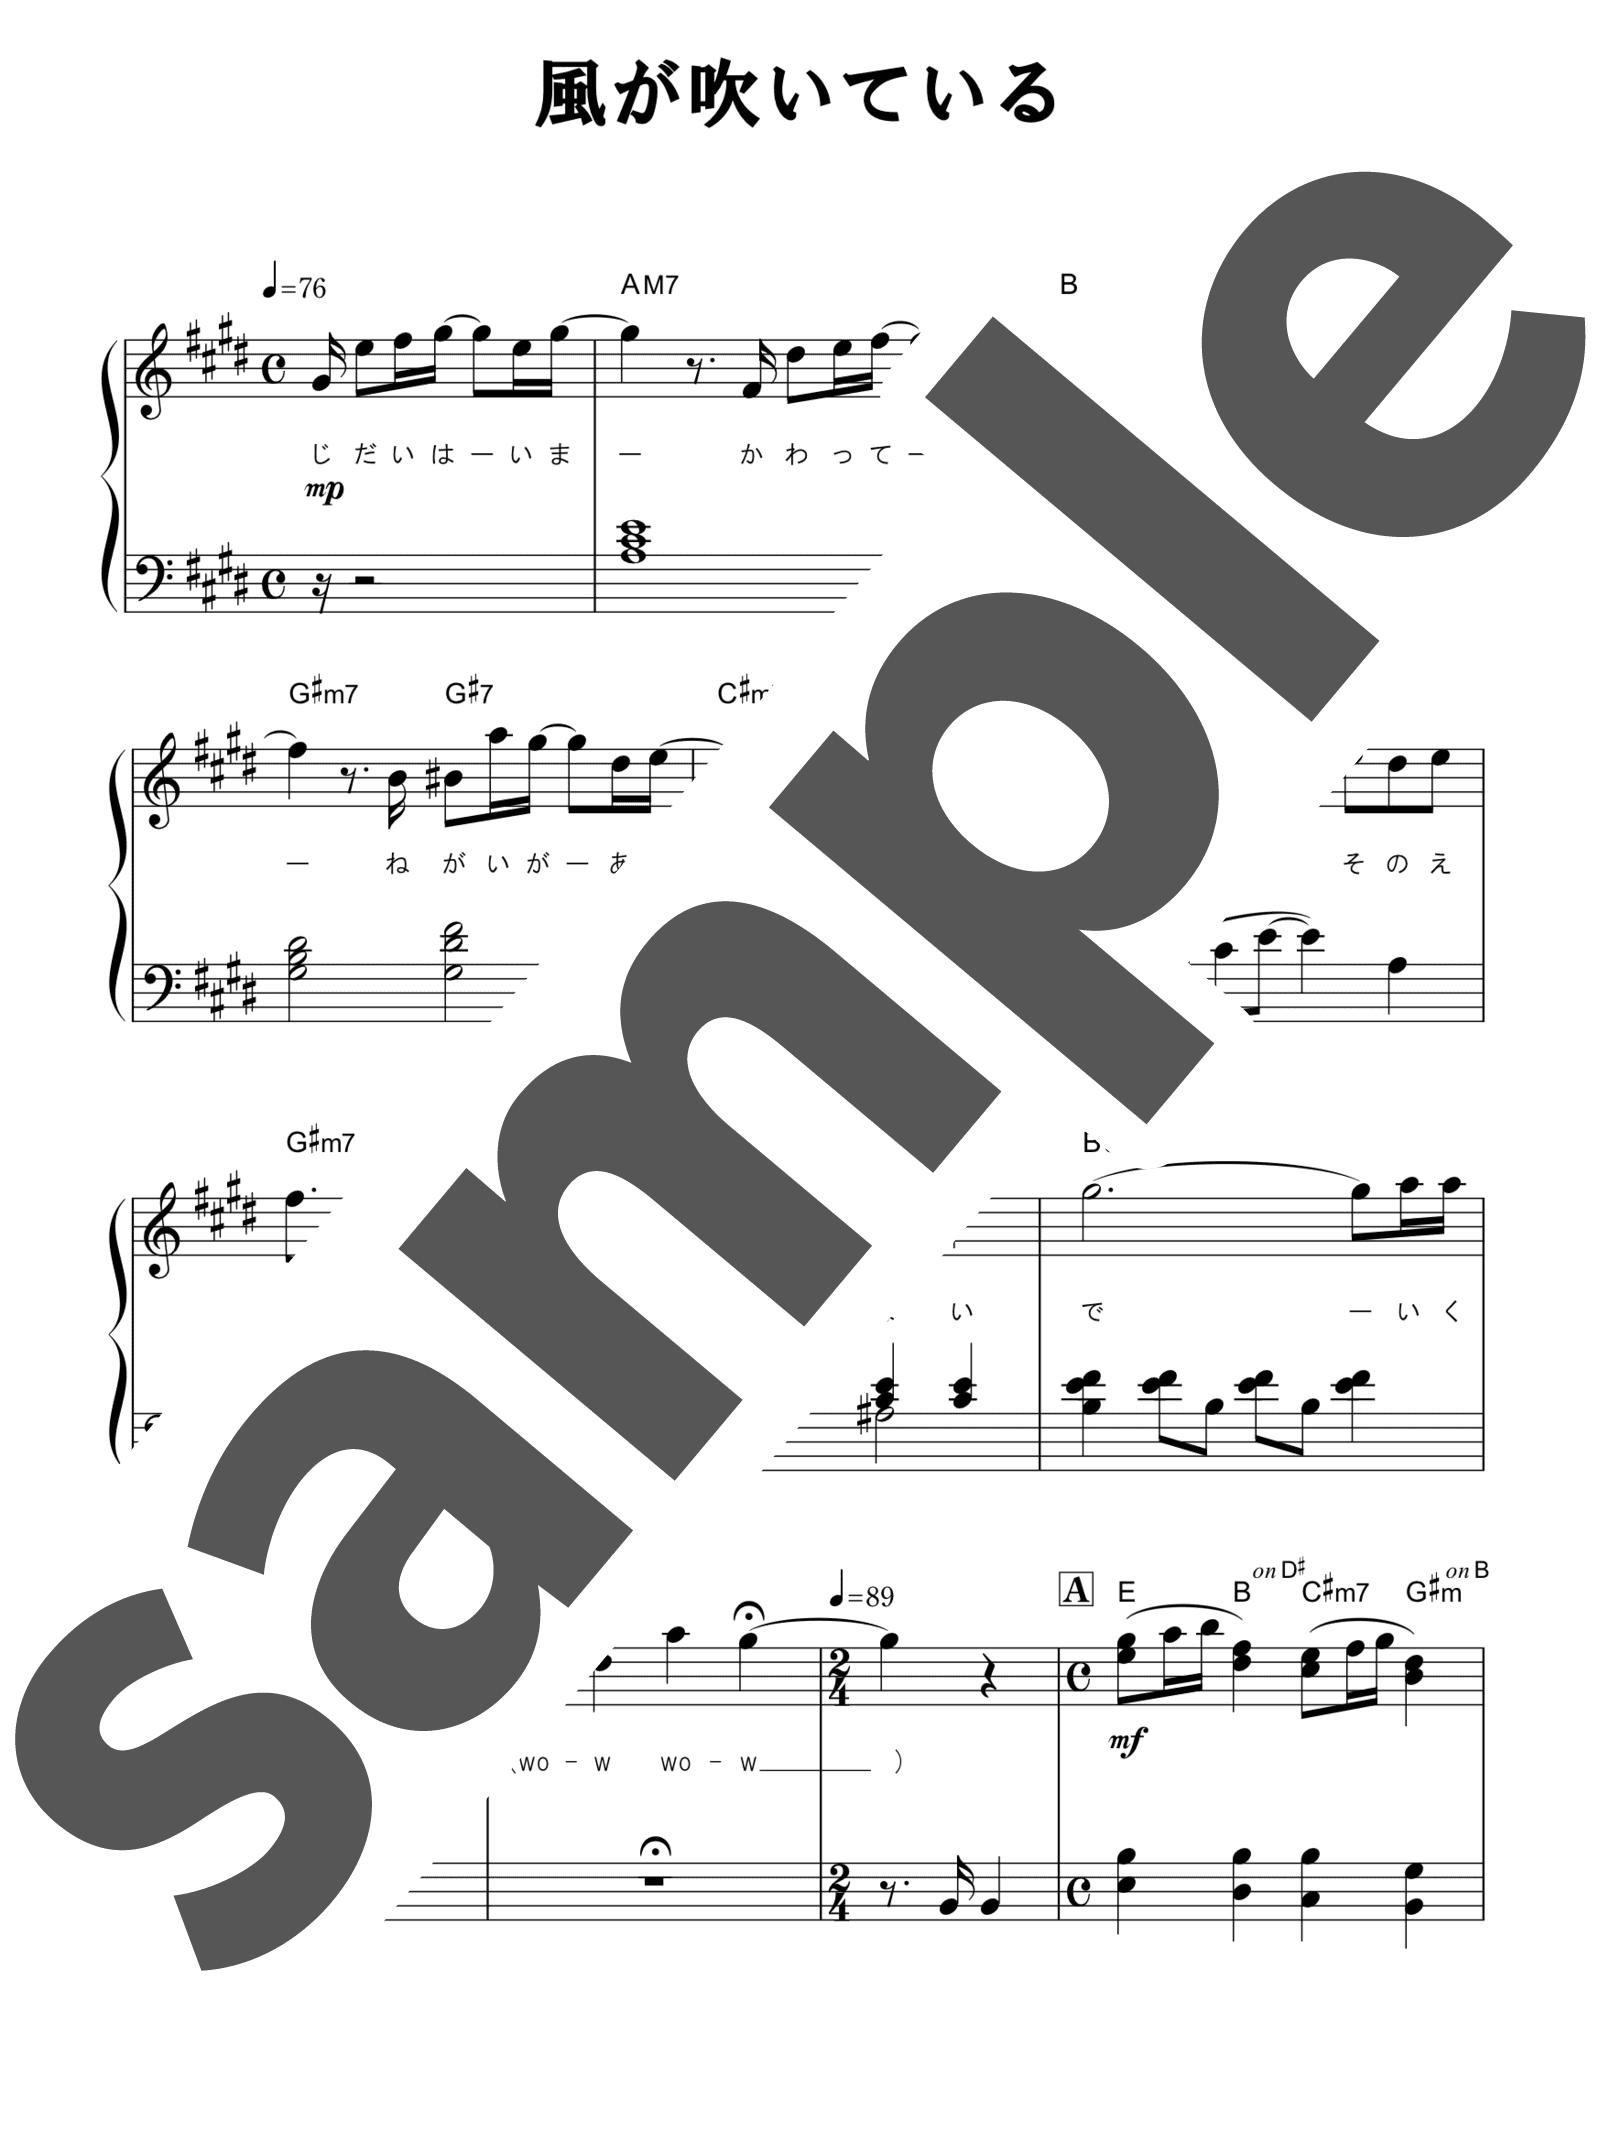 「風が吹いている」のサンプル楽譜